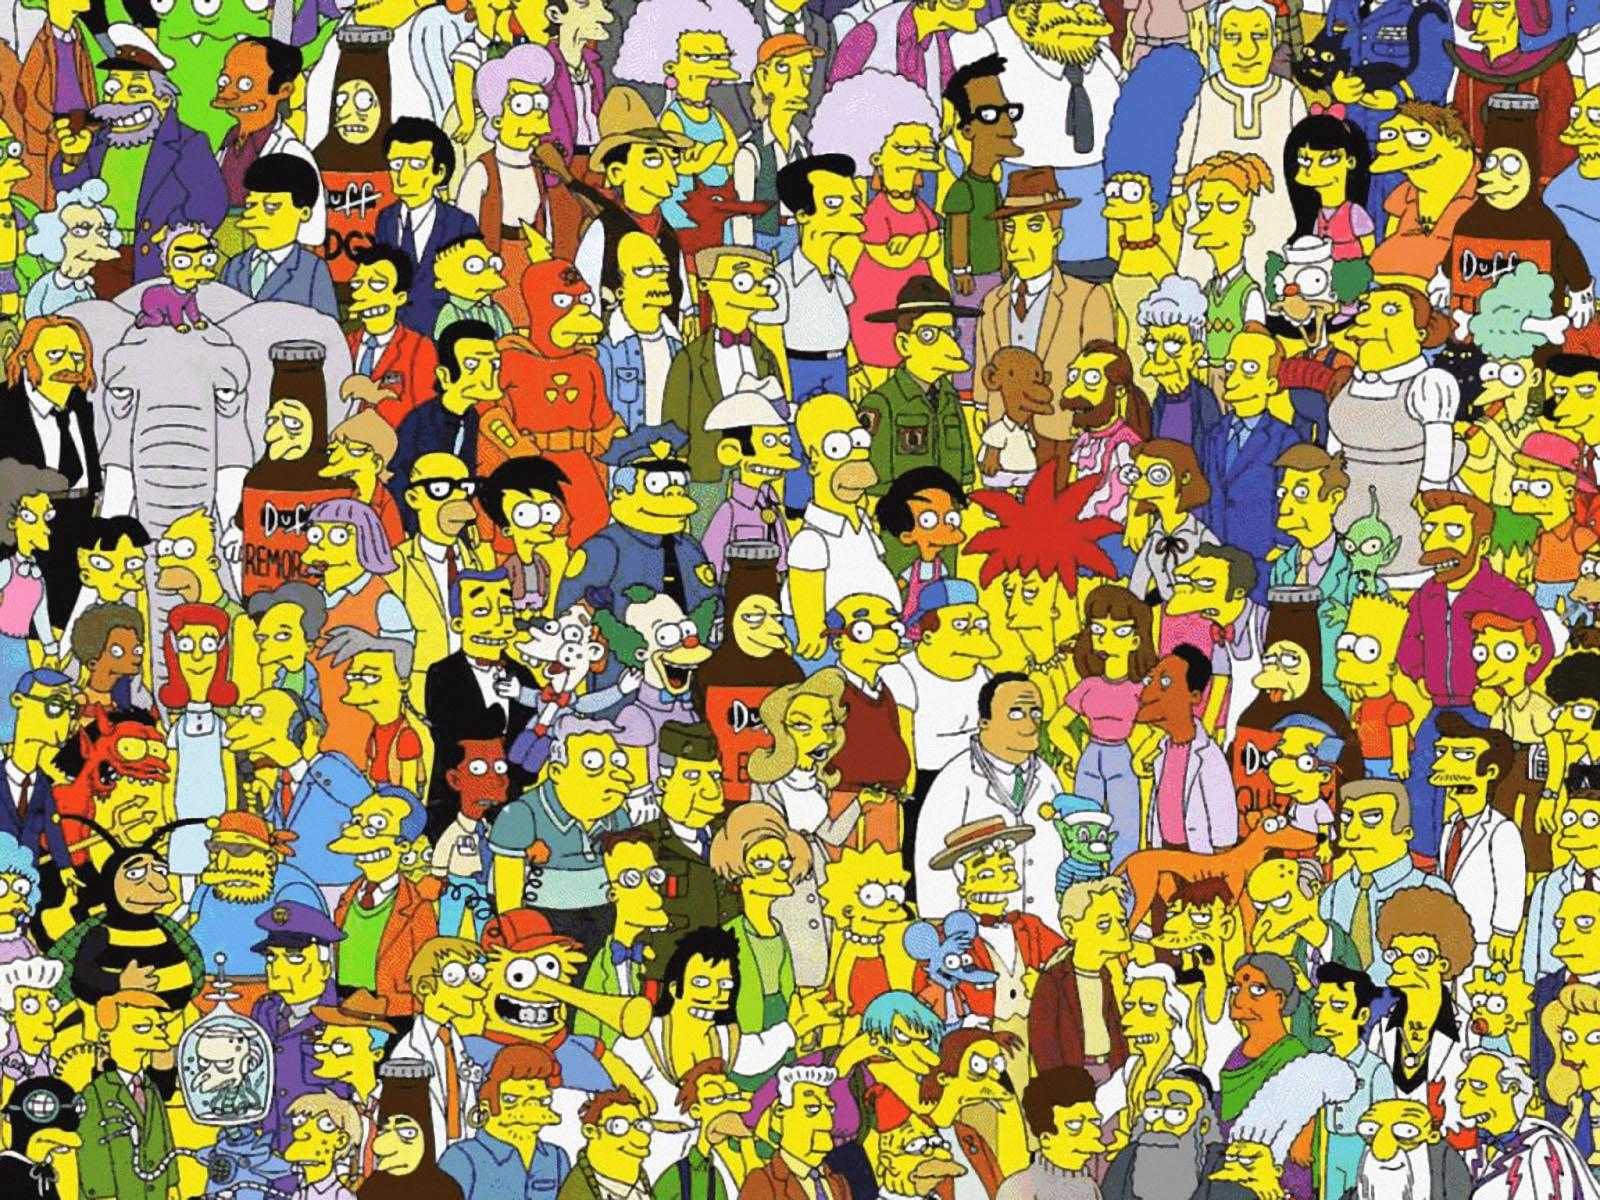 Картинка где много персонажей